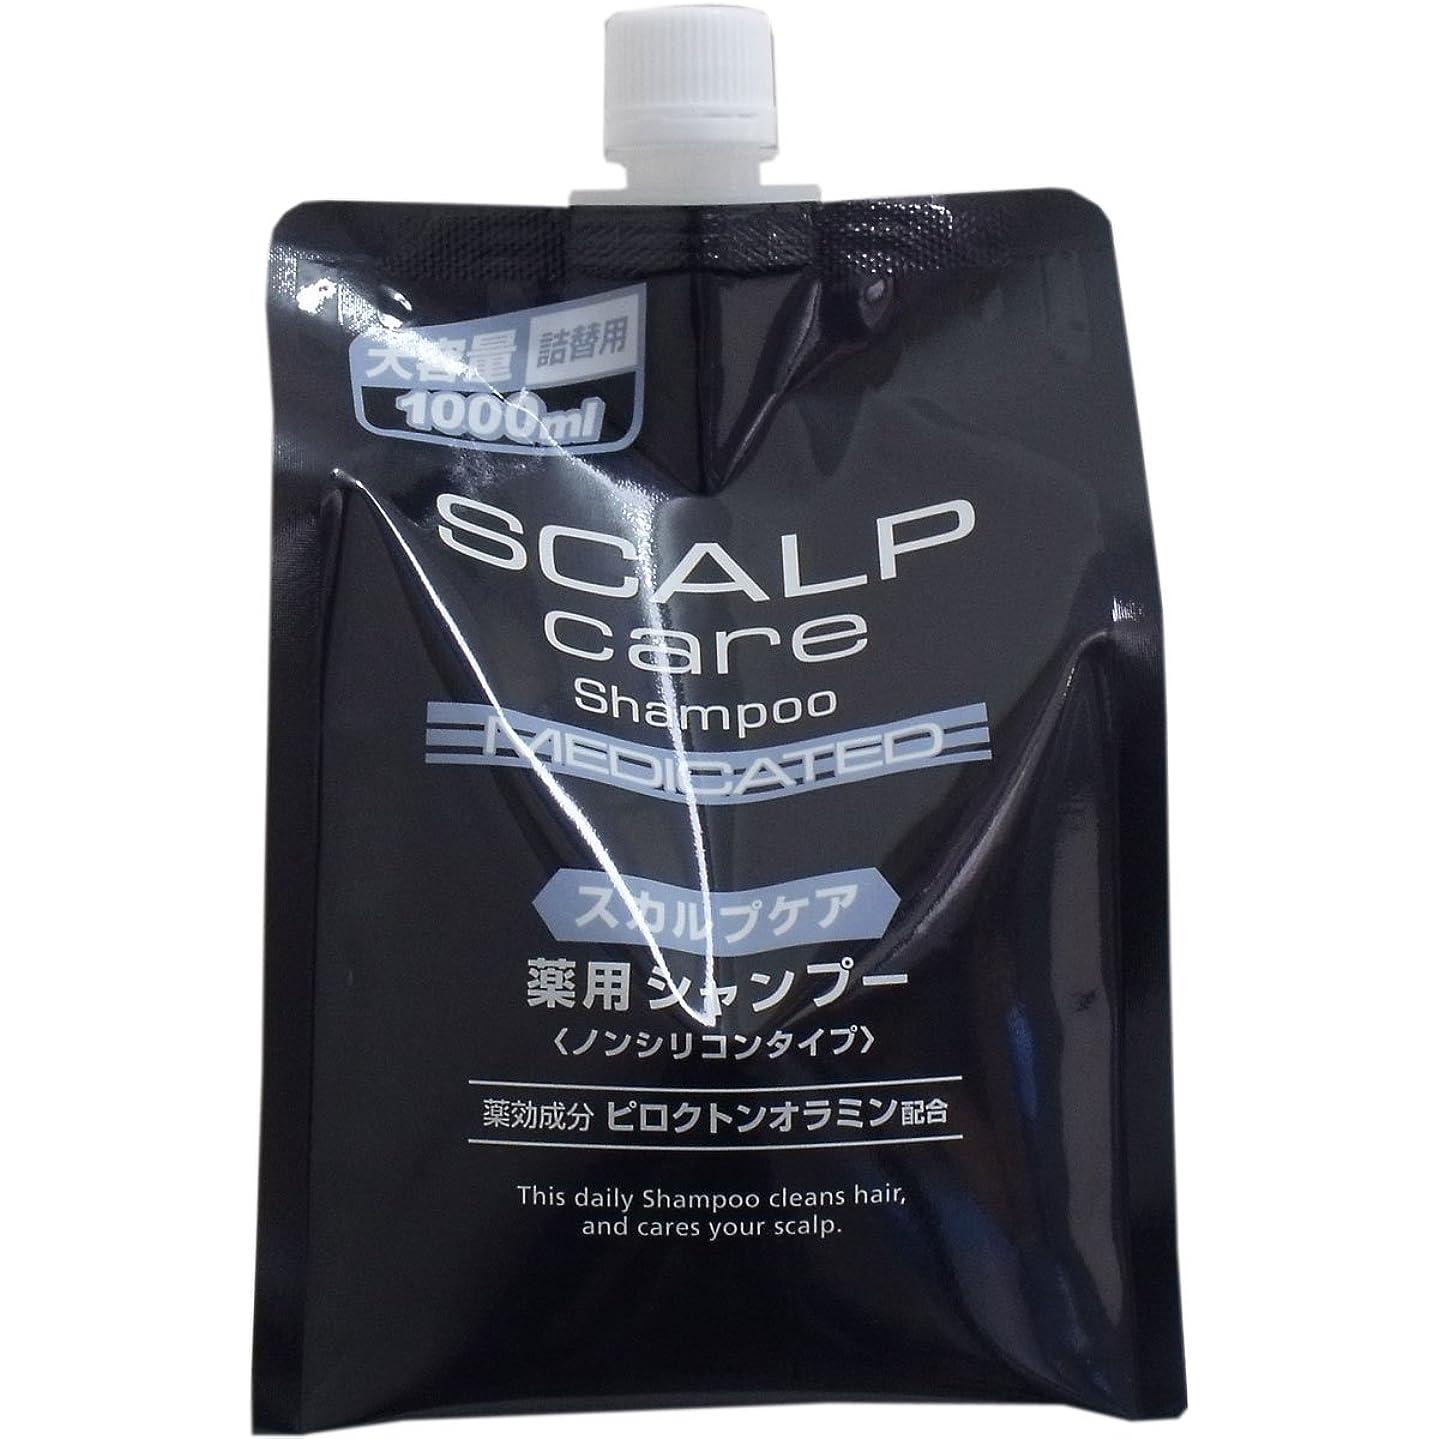 渇き気まぐれな竜巻ピース薬品 スカルプシャンプー 大容量詰替用 1000ml